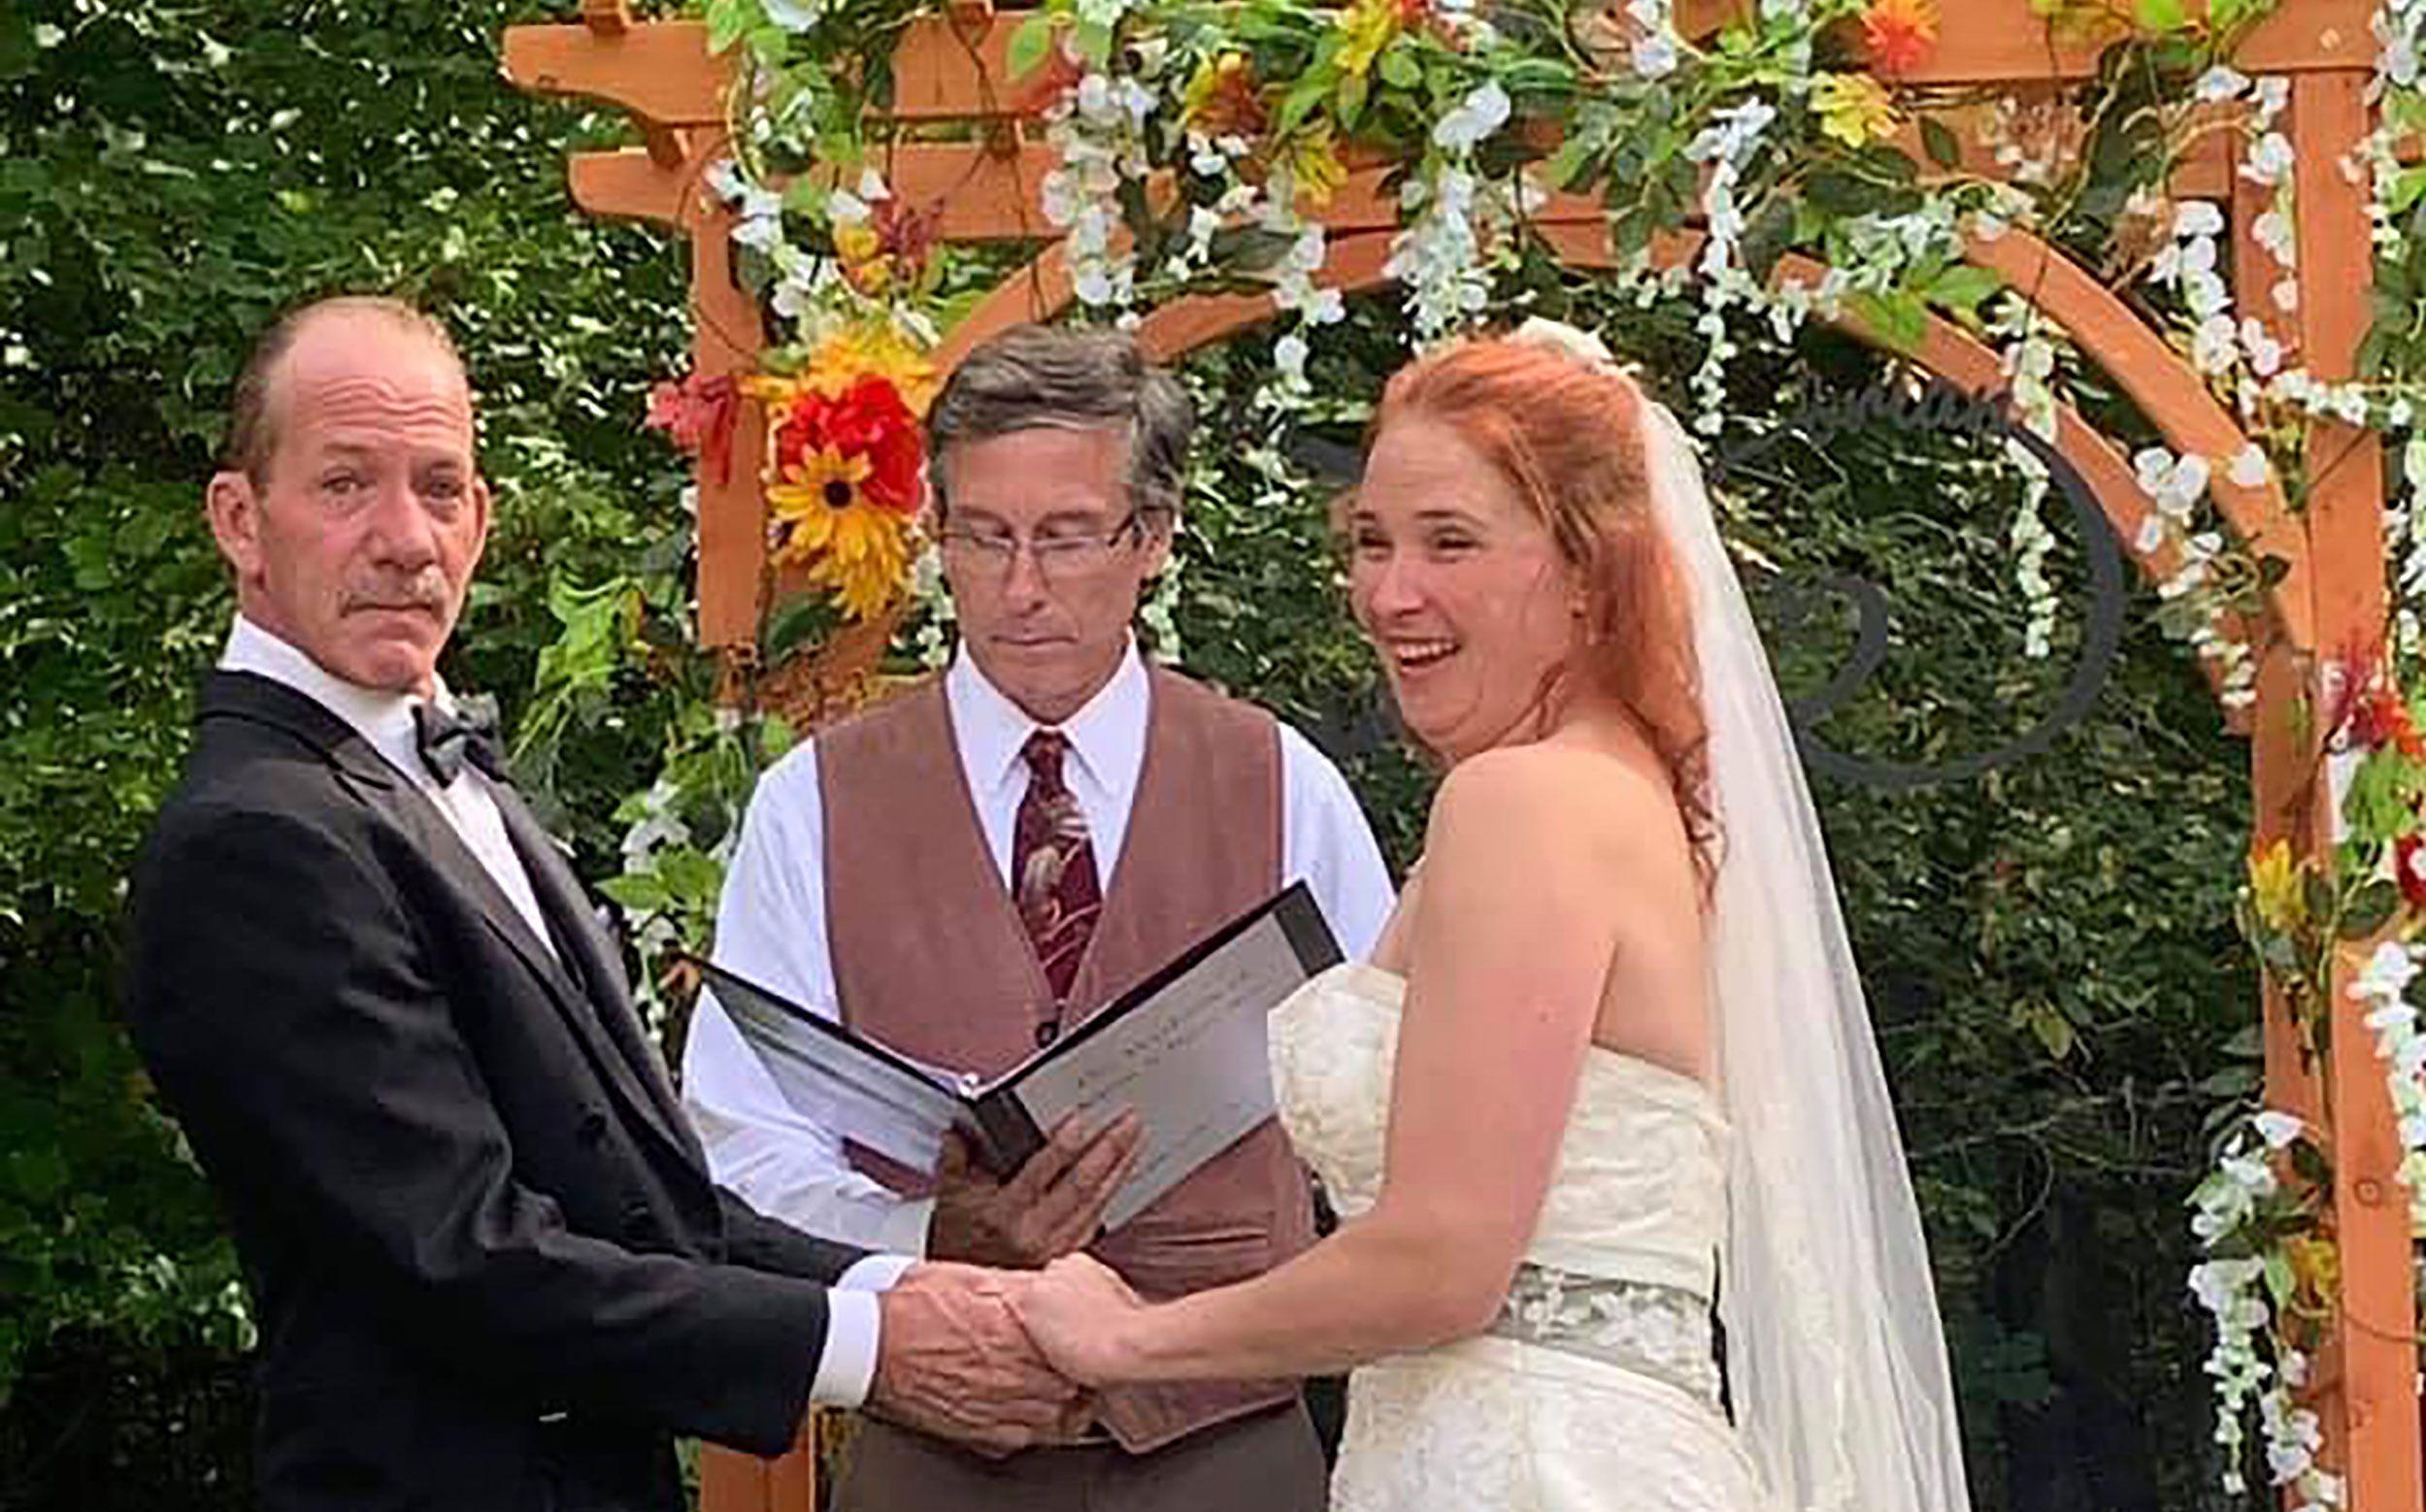 Brian Ray e Karen Mahoney trocaram seus votos na cerimônia realizada na fronteira entre EUA e Canadá